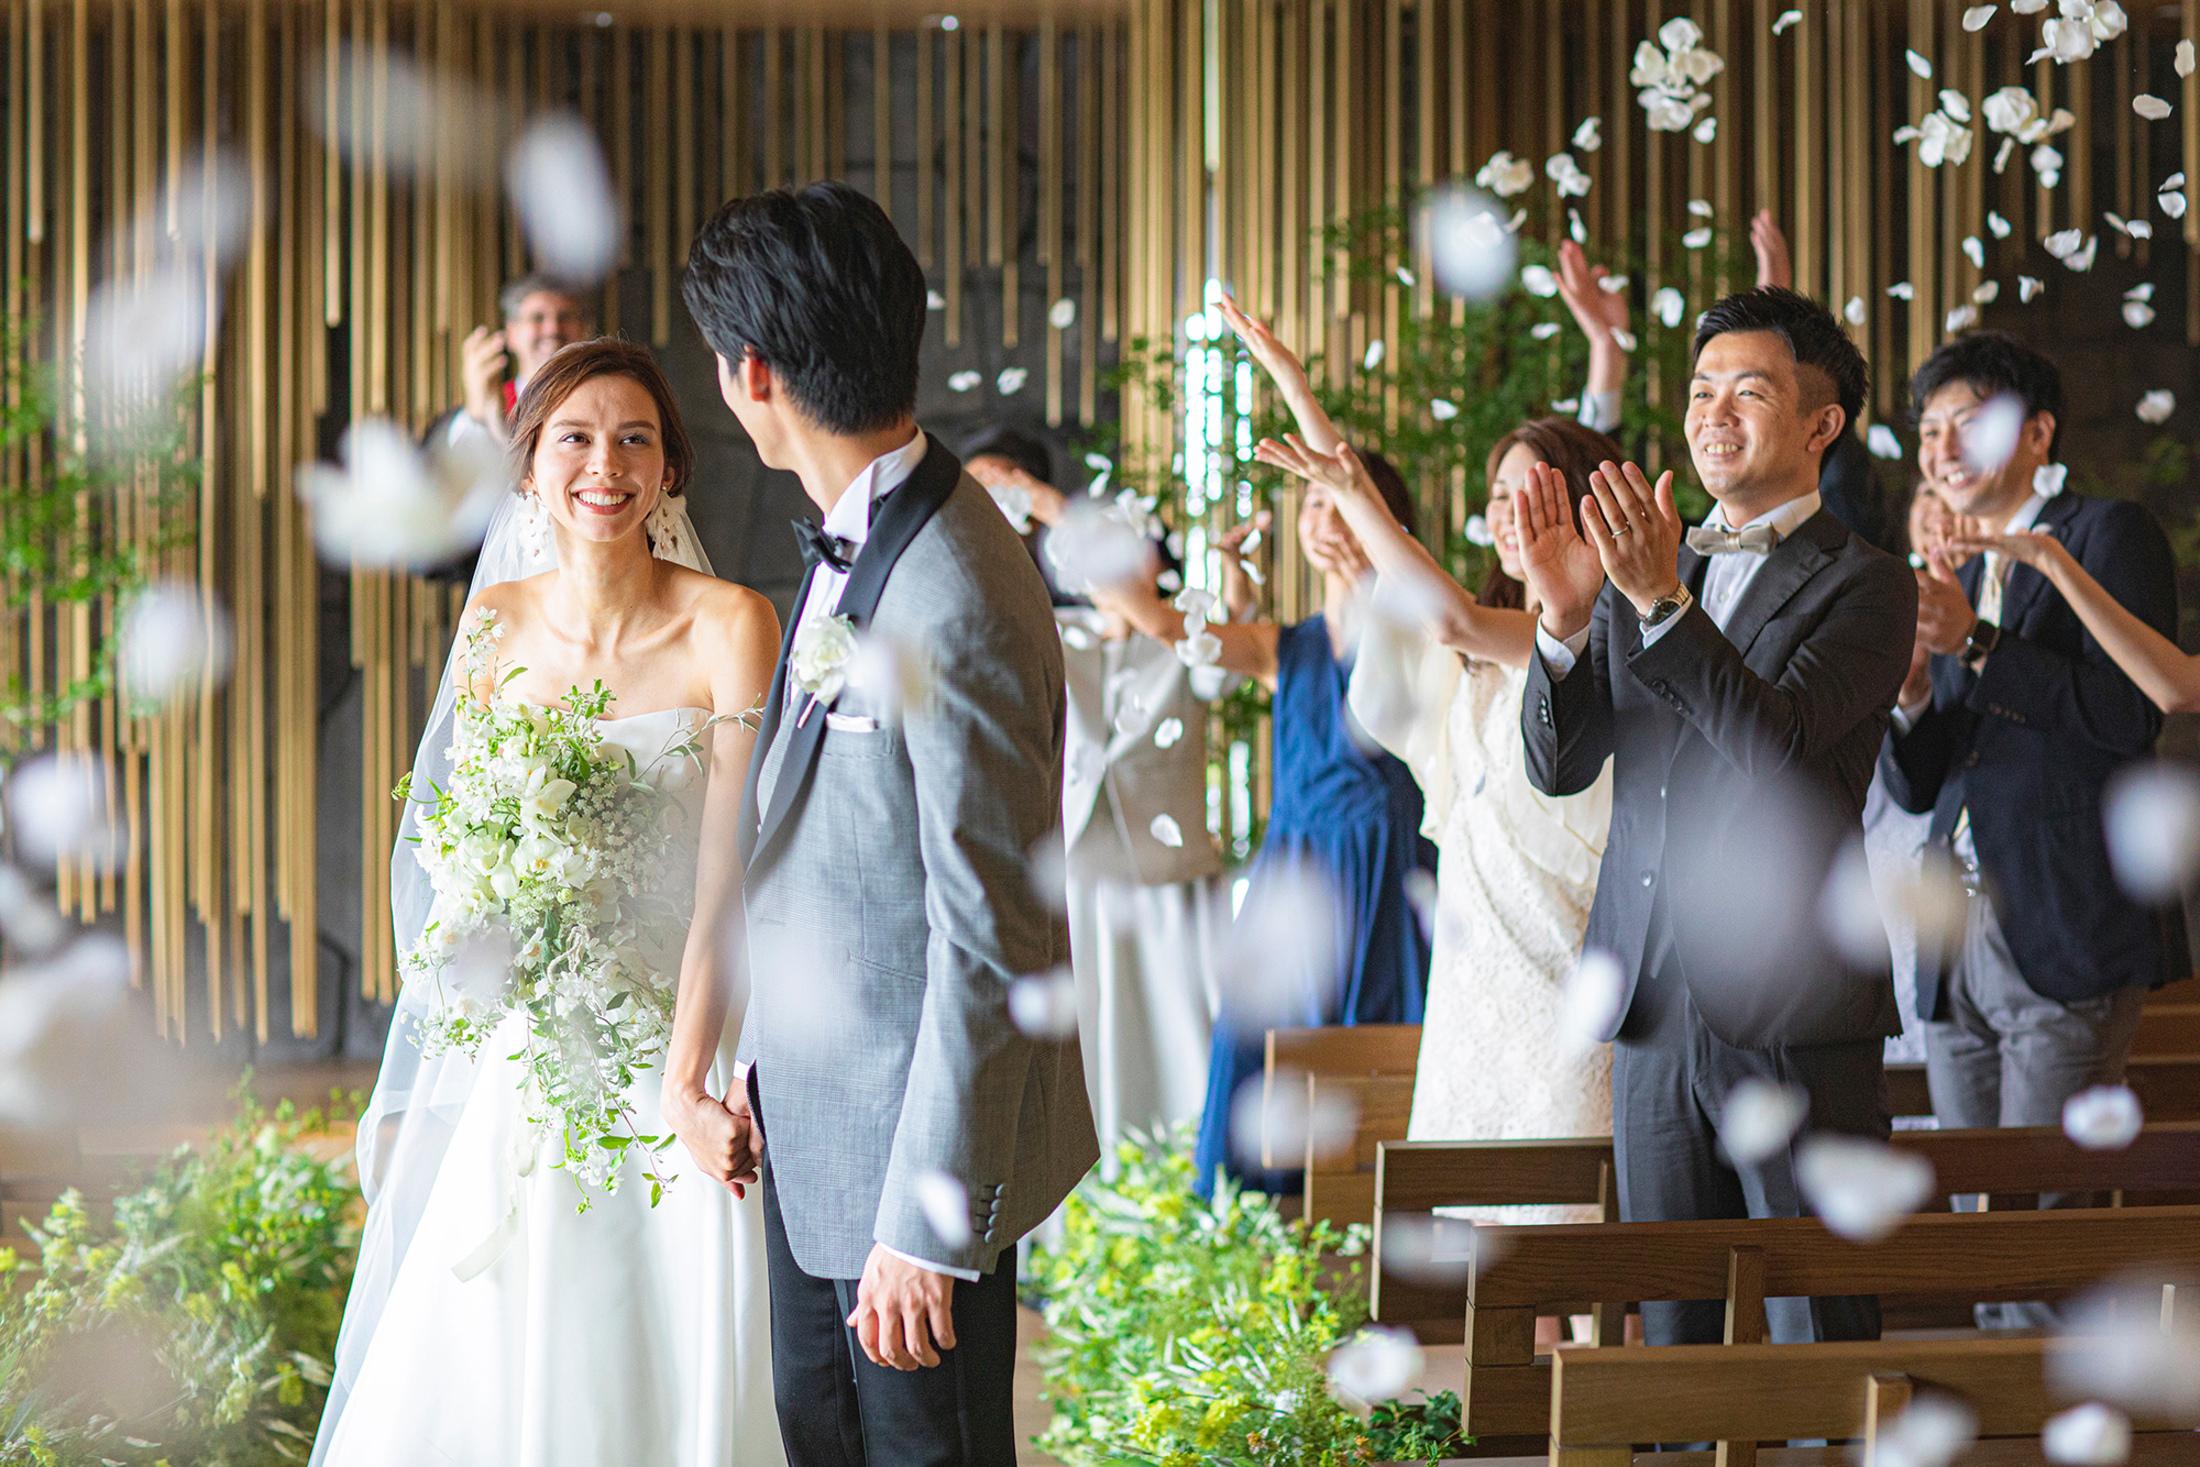 返信 結婚 式 延期